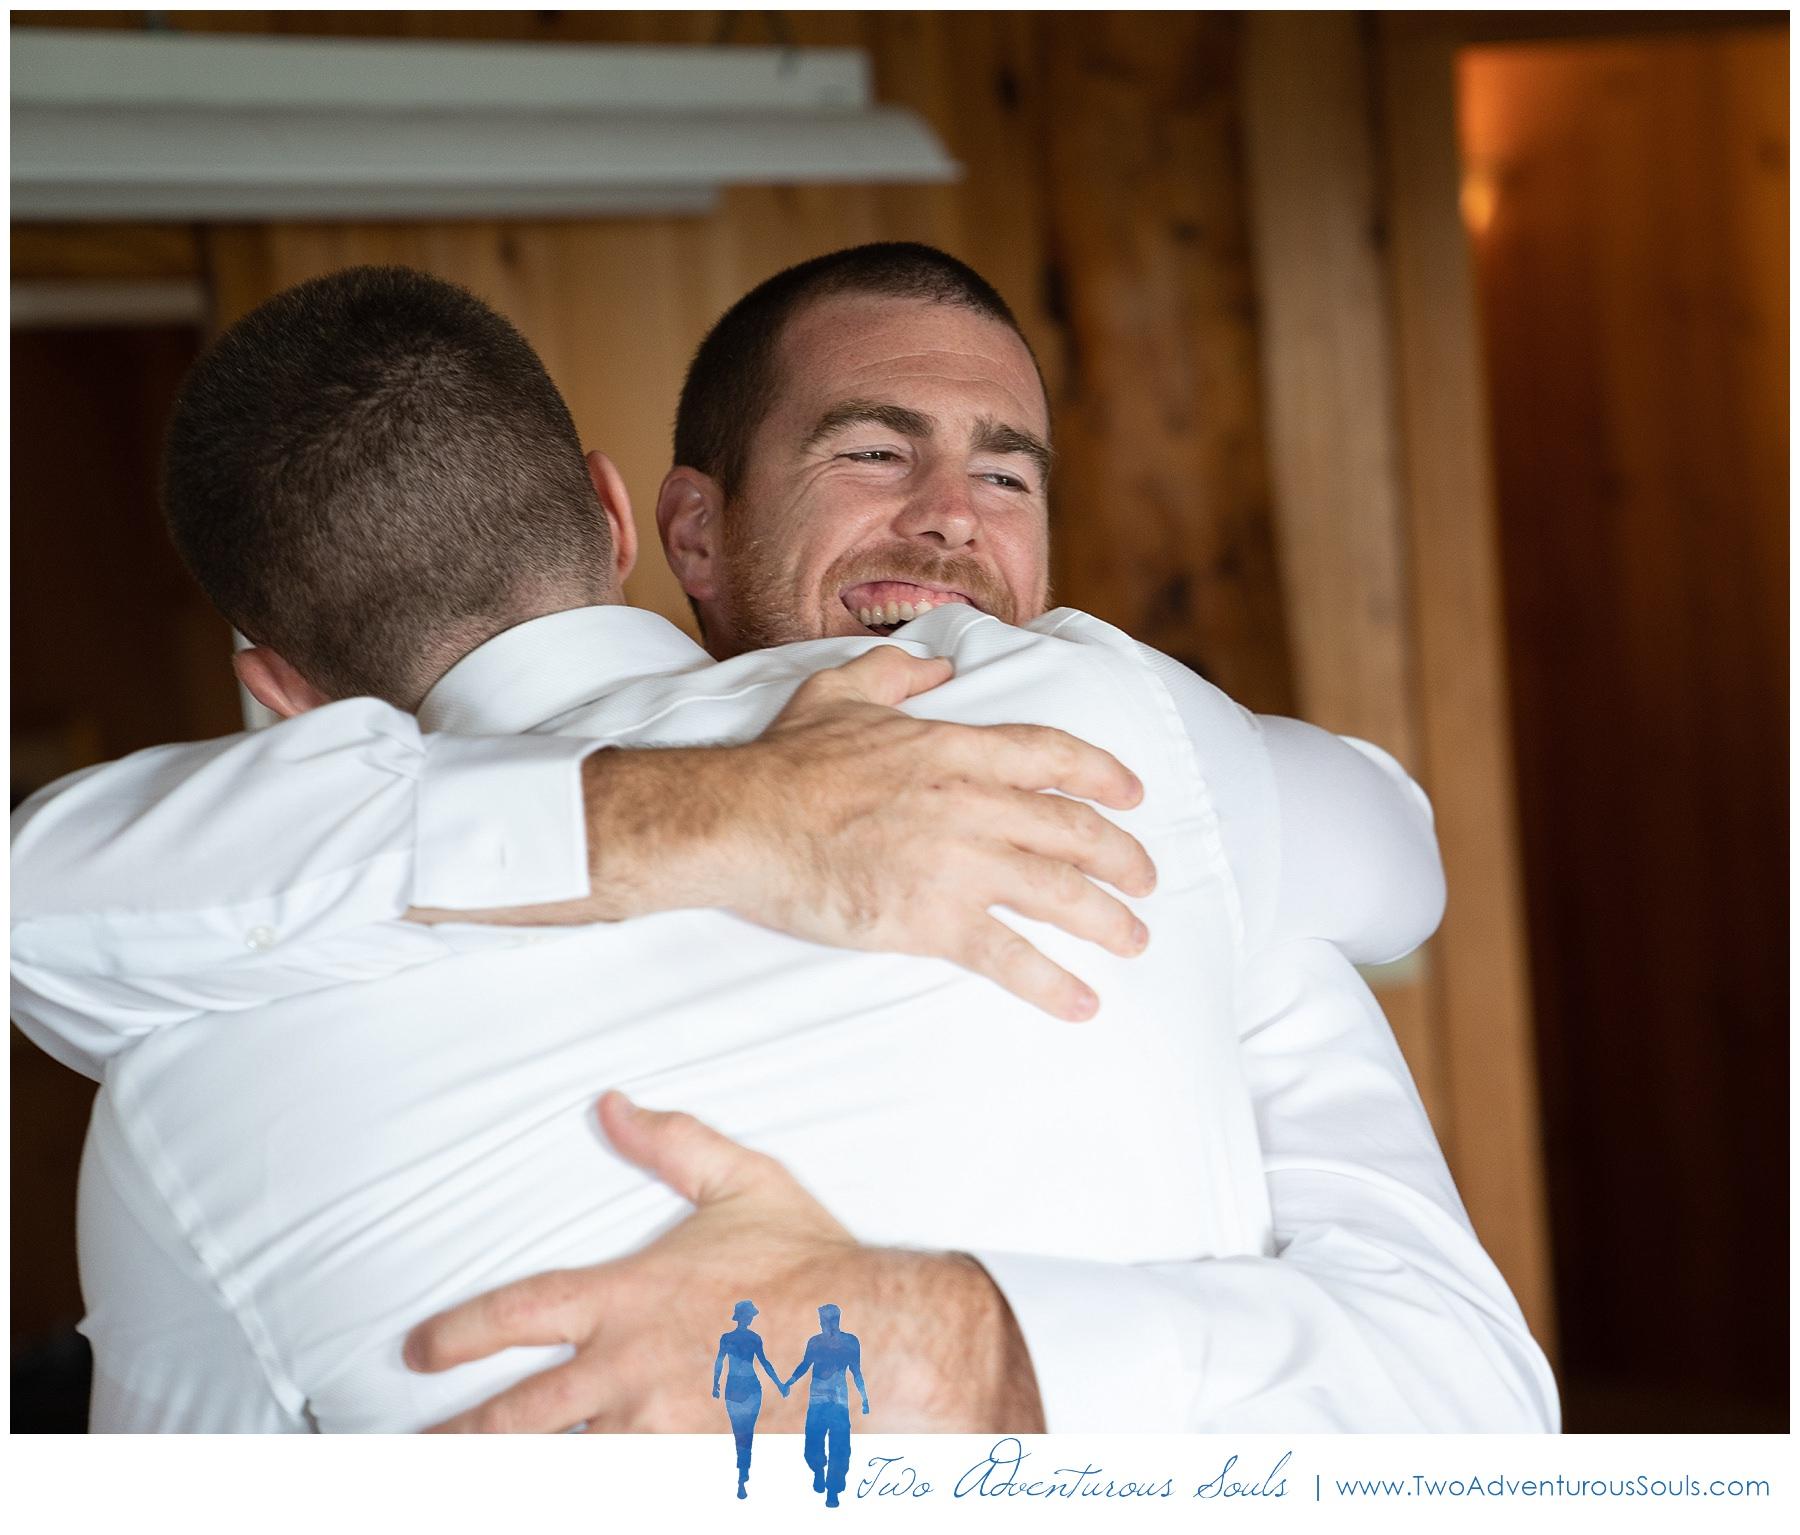 Maine Wedding Photographers, Granite Ridge Estate Wedding Photographers, Two Adventurous Souls - 080319_0009.jpg